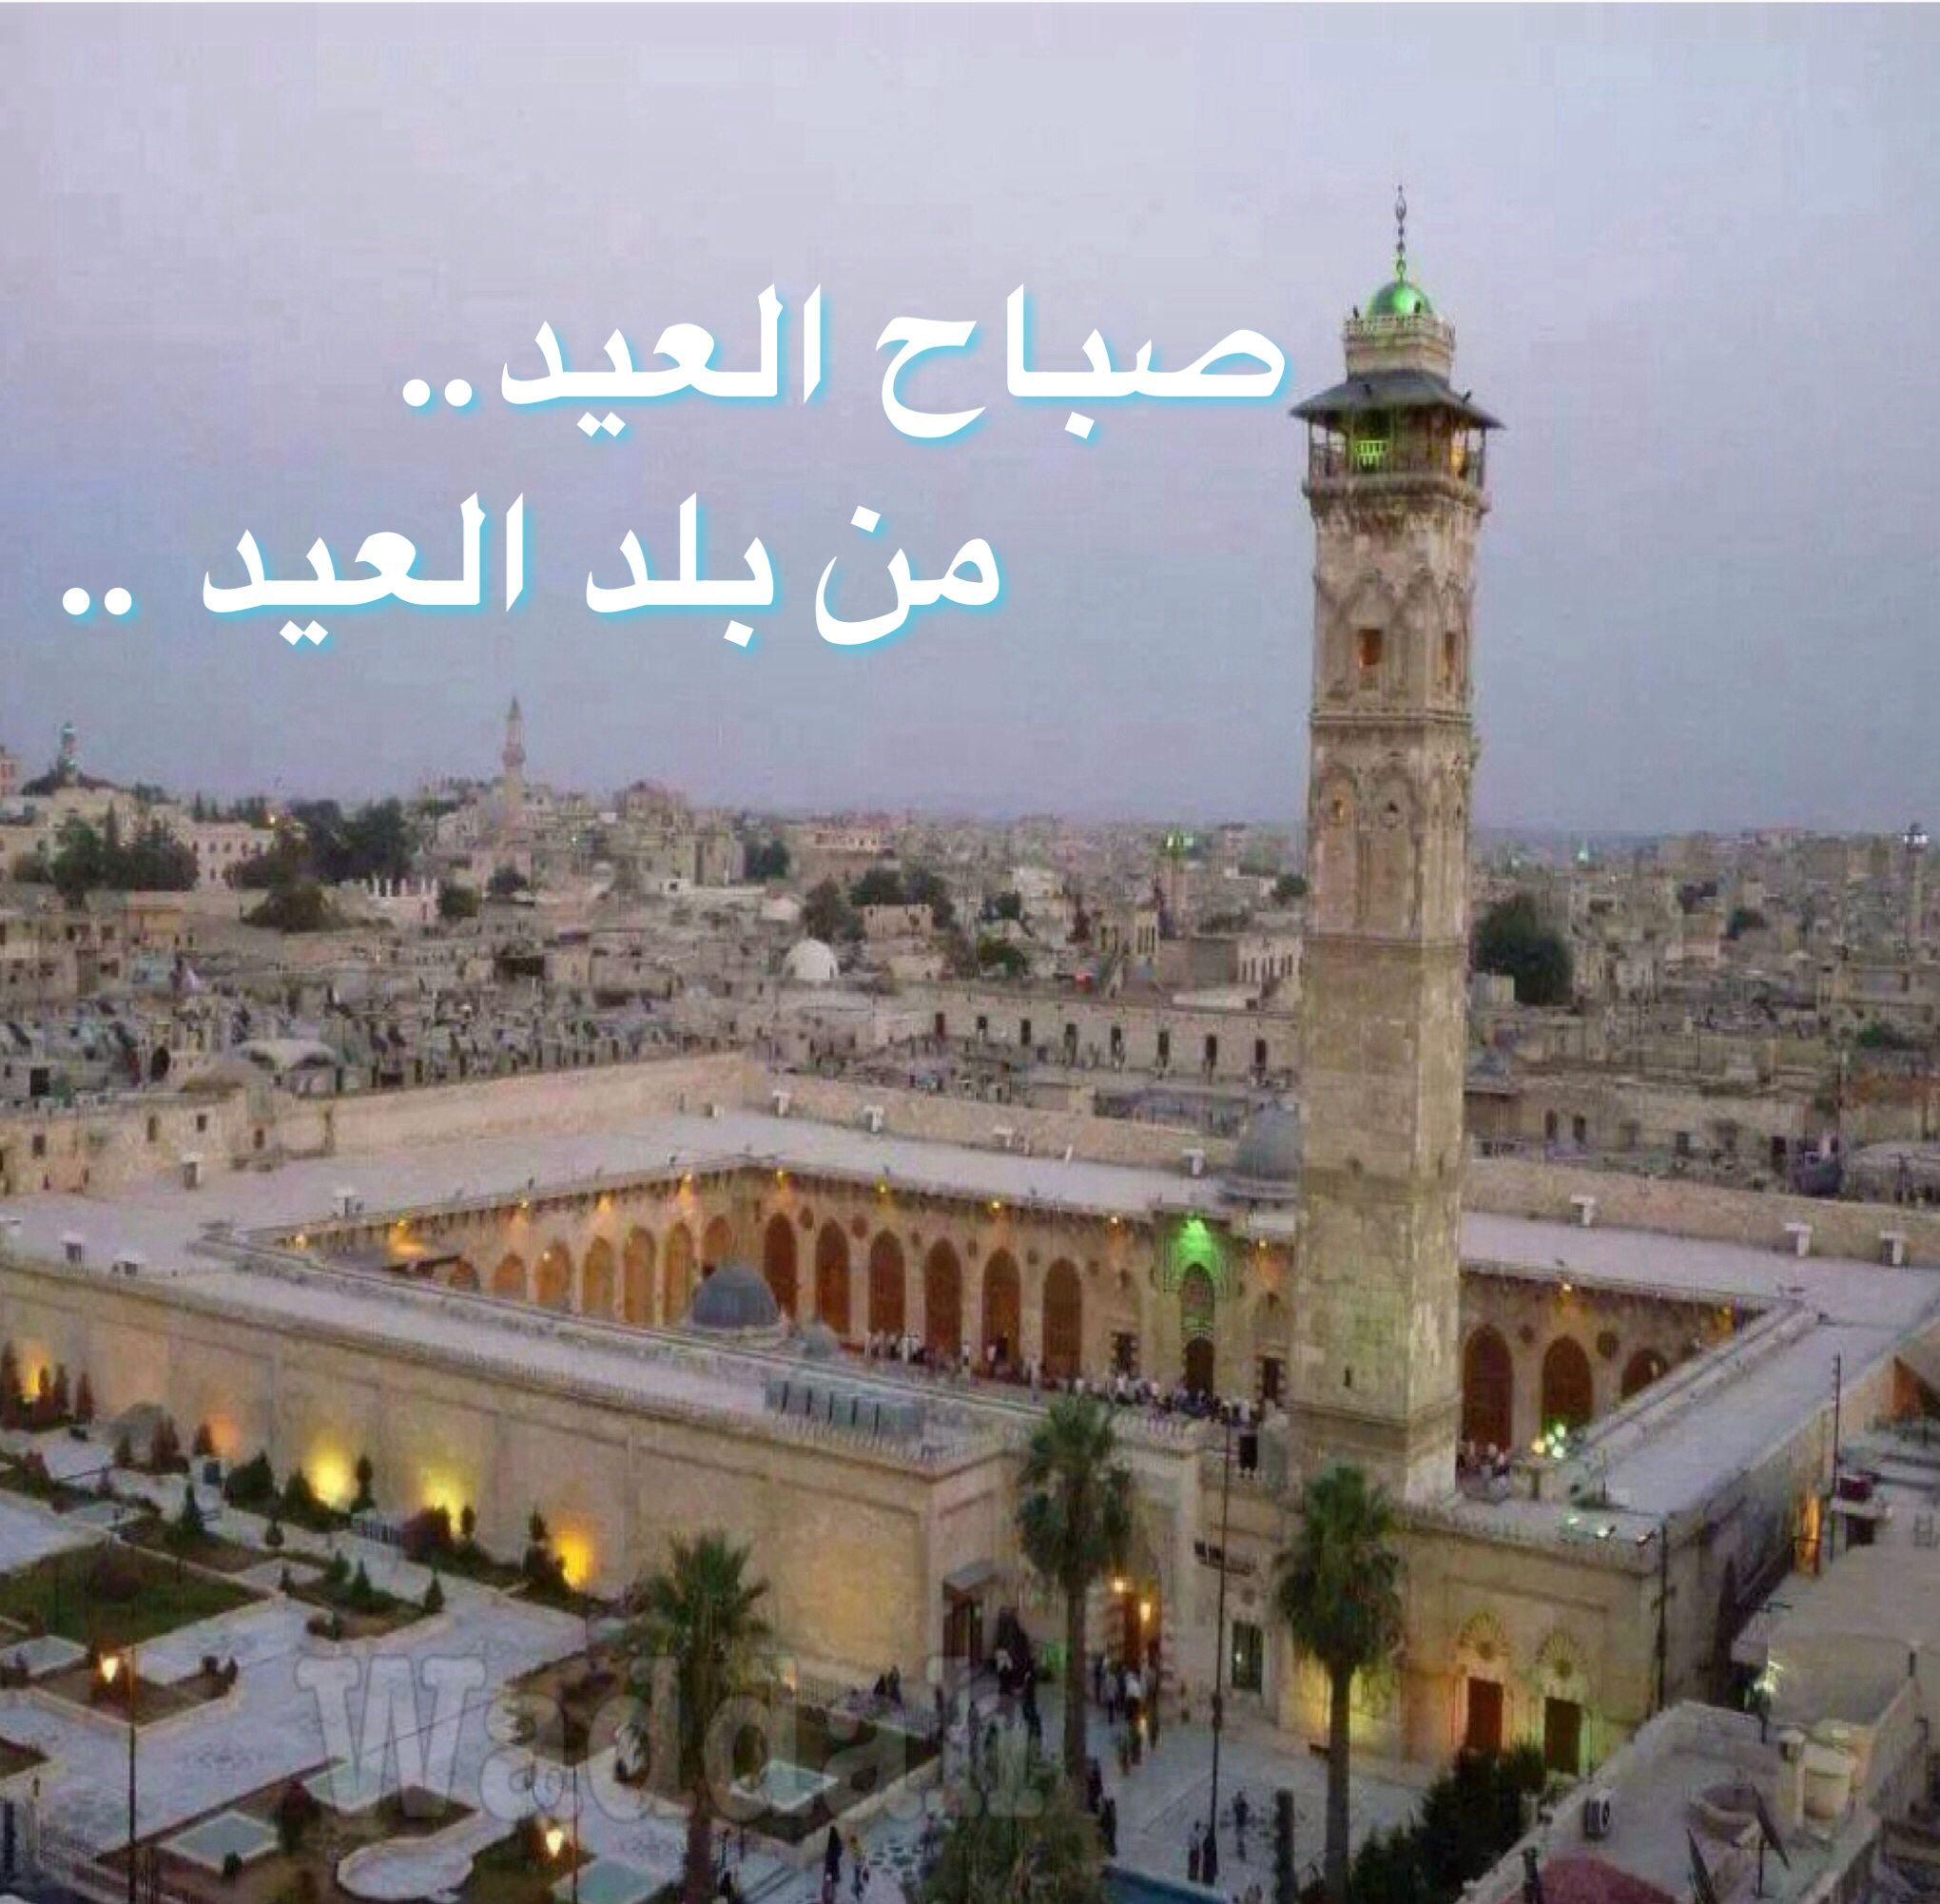 مع صباح اليوم الأول من عيد الفطر السعيد أدعو الله أن تملأ السعادة قلوبكم وتغمر الفرحة بيوتكم ويعود الأمان لع Grand Mosque Paris Skyline Taj Mahal